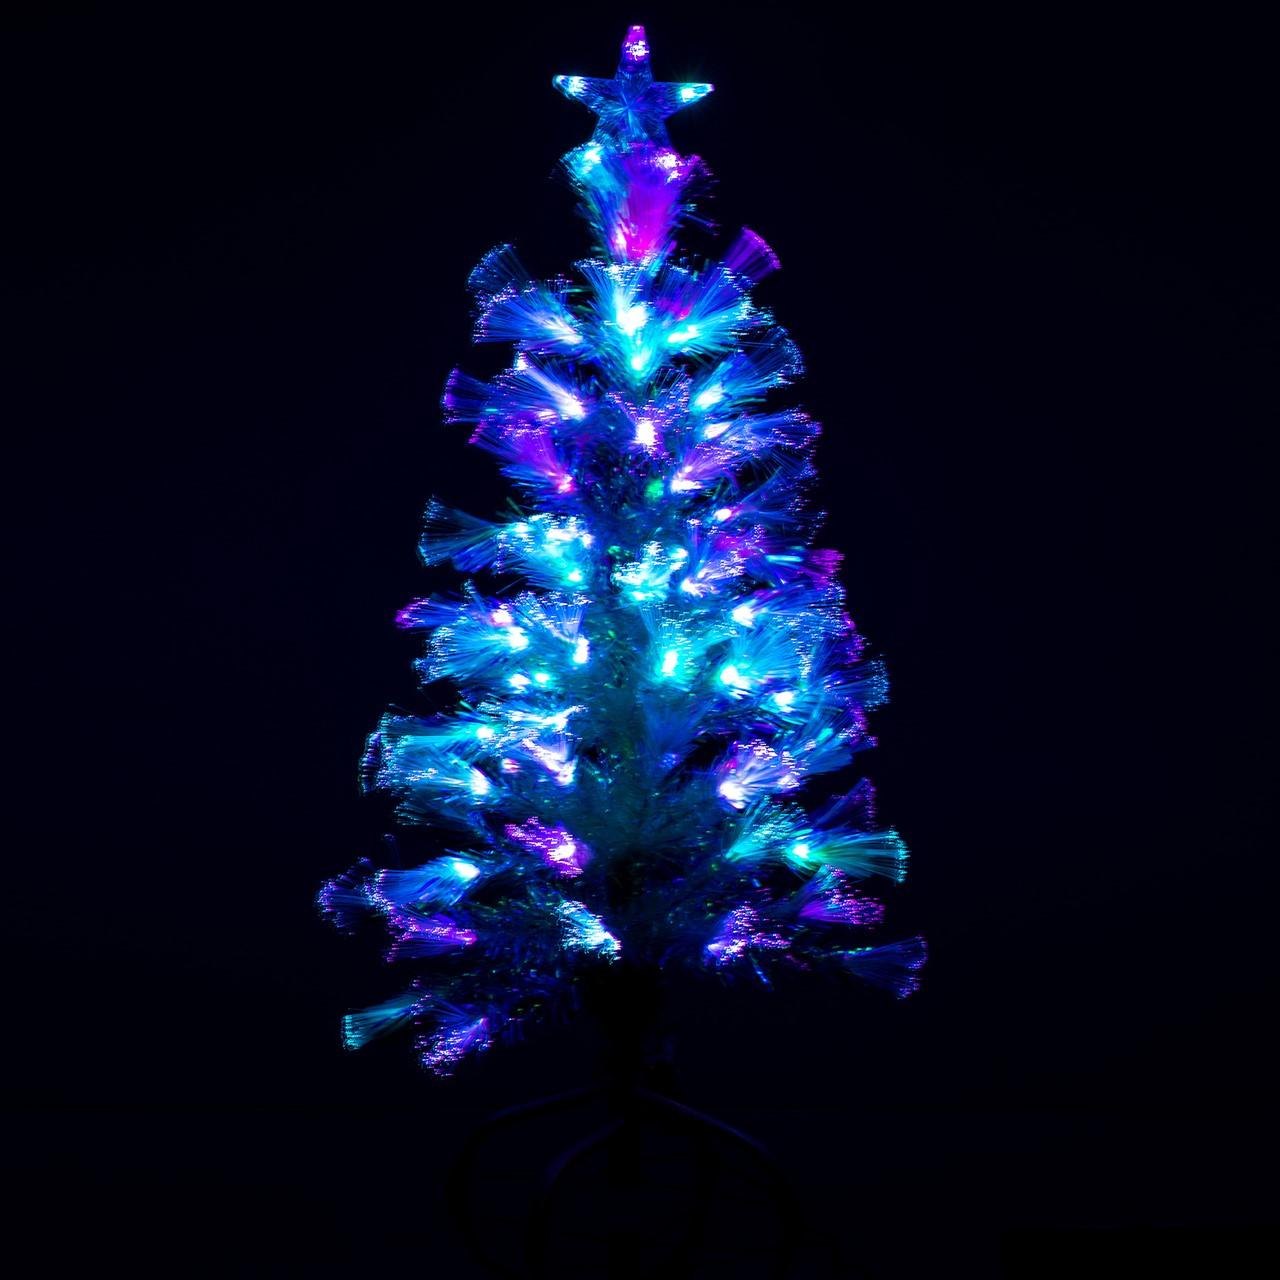 Arbre de Noël avec une décoration en blanc, bleu et violet.